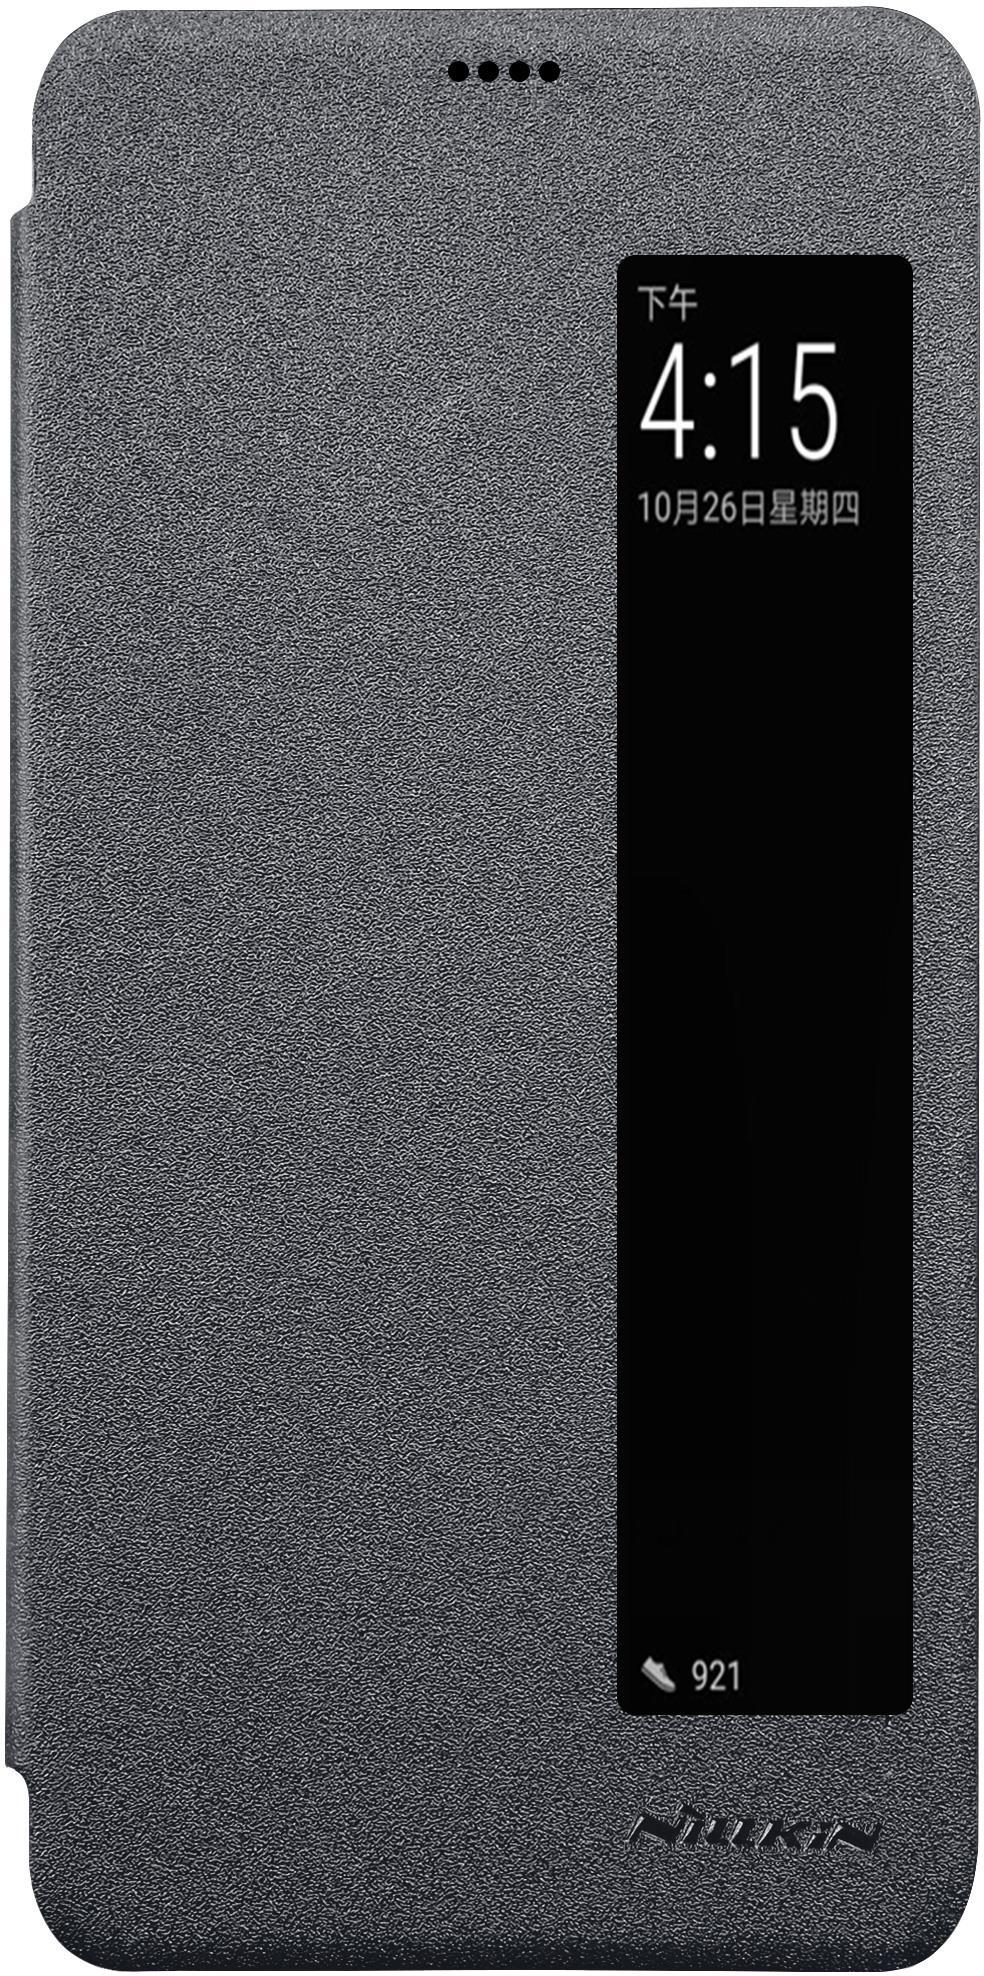 Чехол для сотового телефона Nillkin Sparkle, 6902048156289, черный чехол для сотового телефона nillkin sparkle 6902048117907 черный